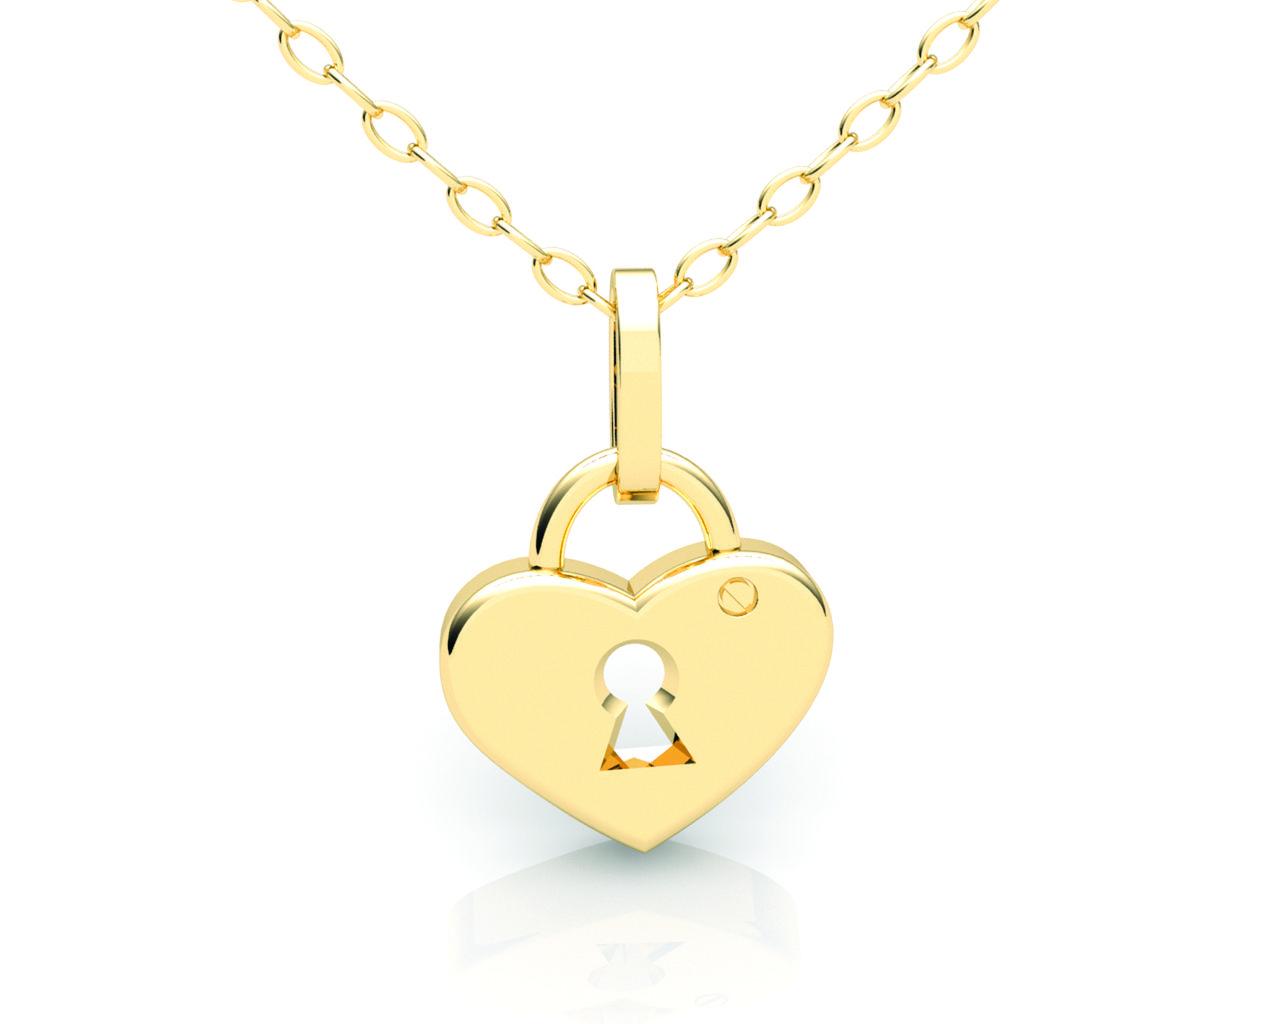 Pingente Coração Cadeado Ouro Branco